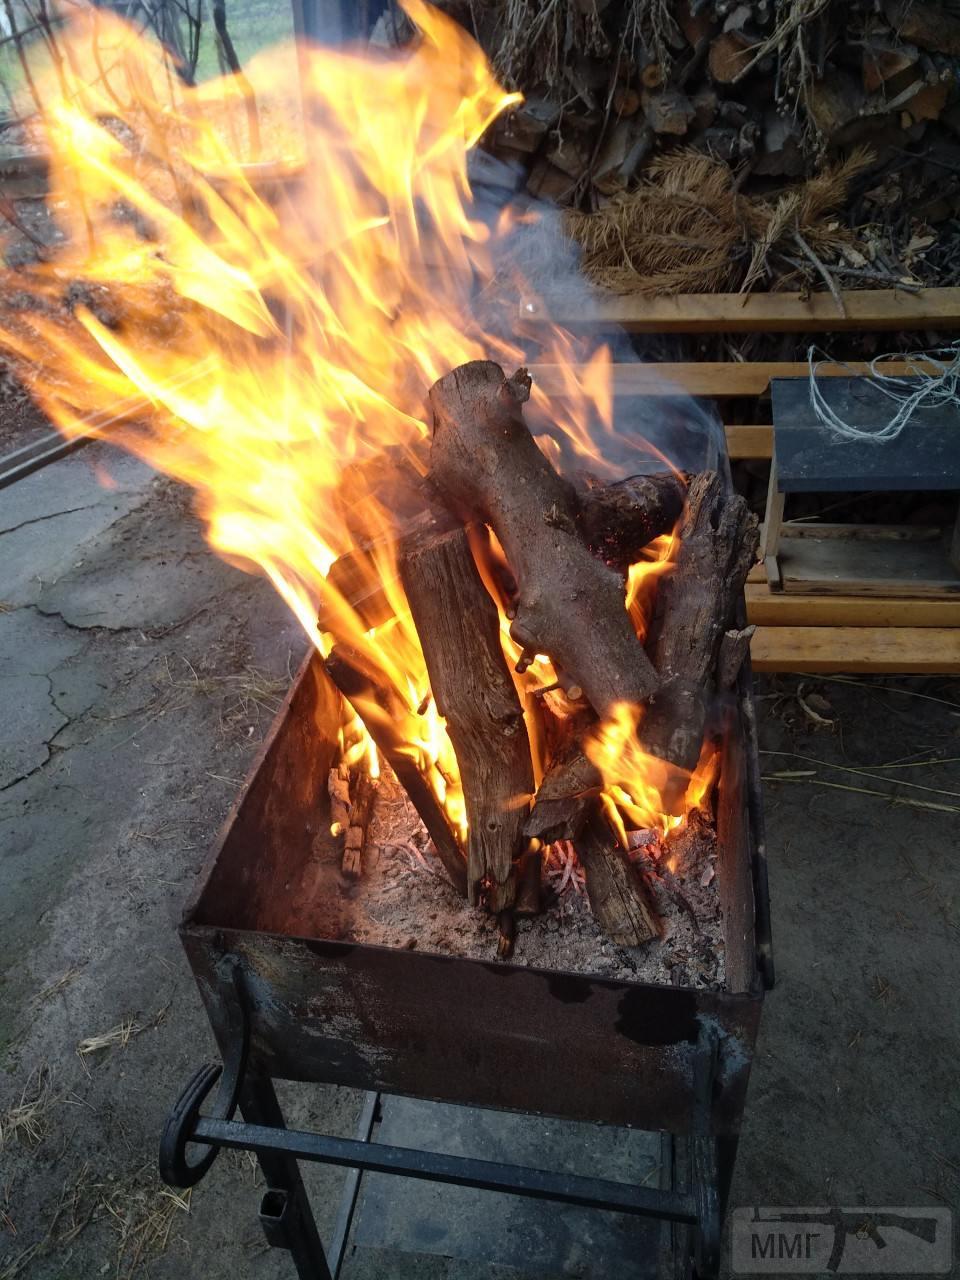 90296 - Закуски на огне (мангал, барбекю и т.д.) и кулинария вообще. Советы и рецепты.